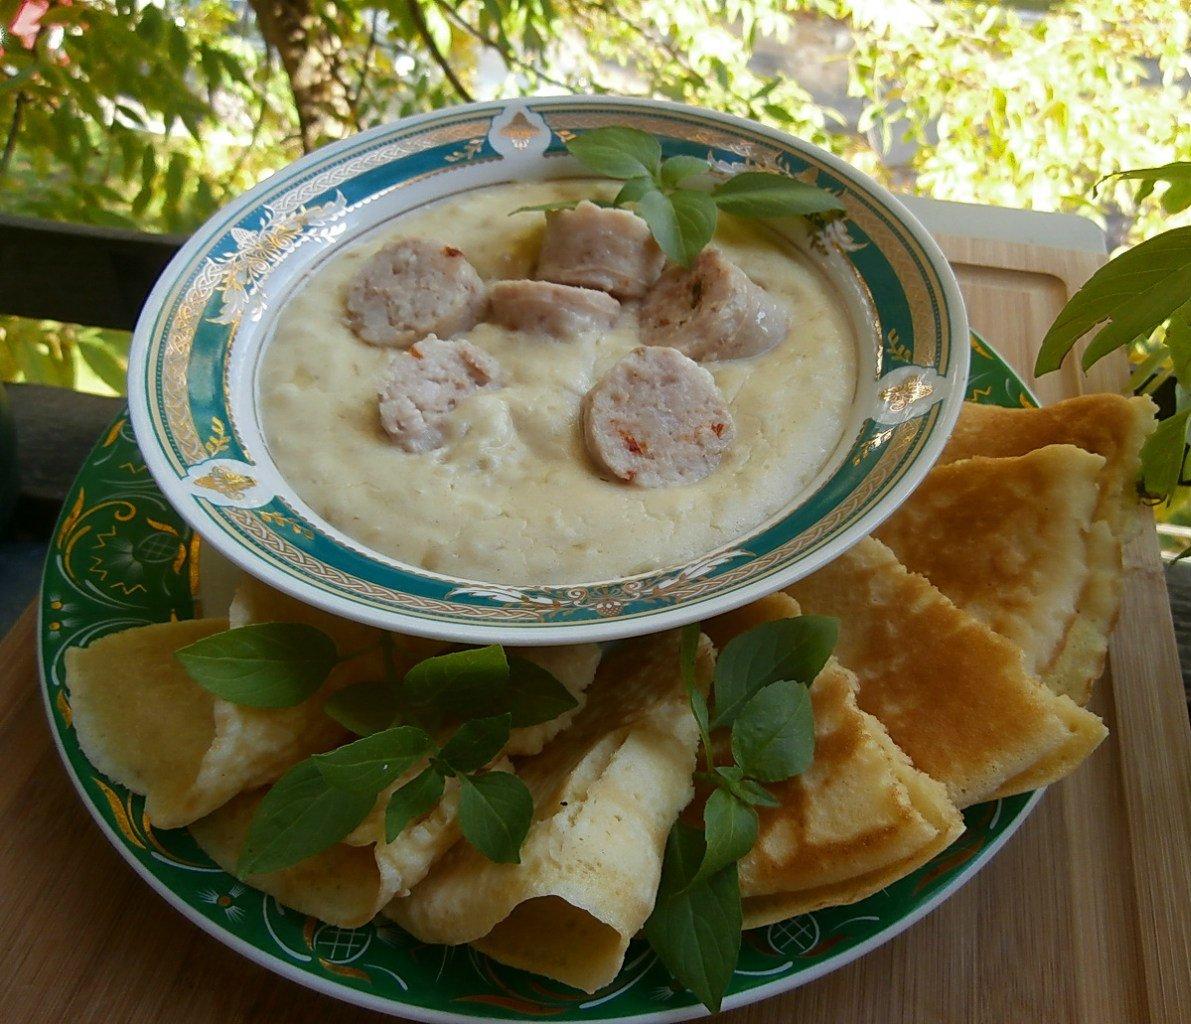 консистенция теста белорусская кухня рецепты с фото вторые вопросу исторической